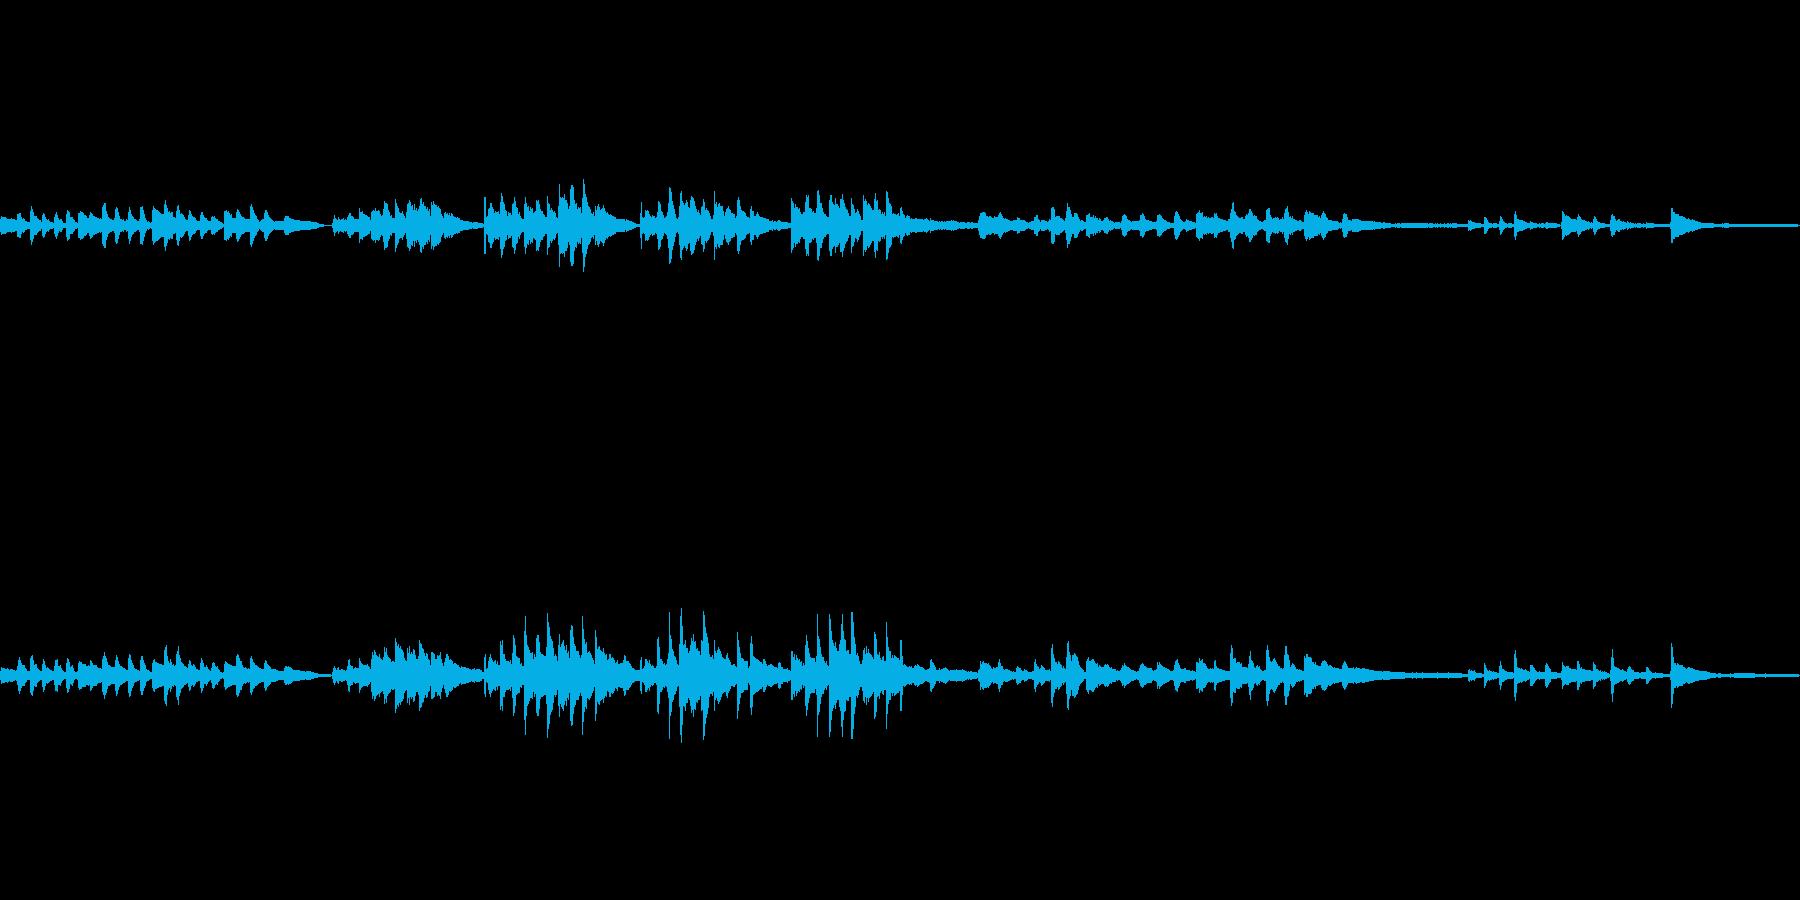 ほのぼの穏やかなピアノソロBGMの再生済みの波形